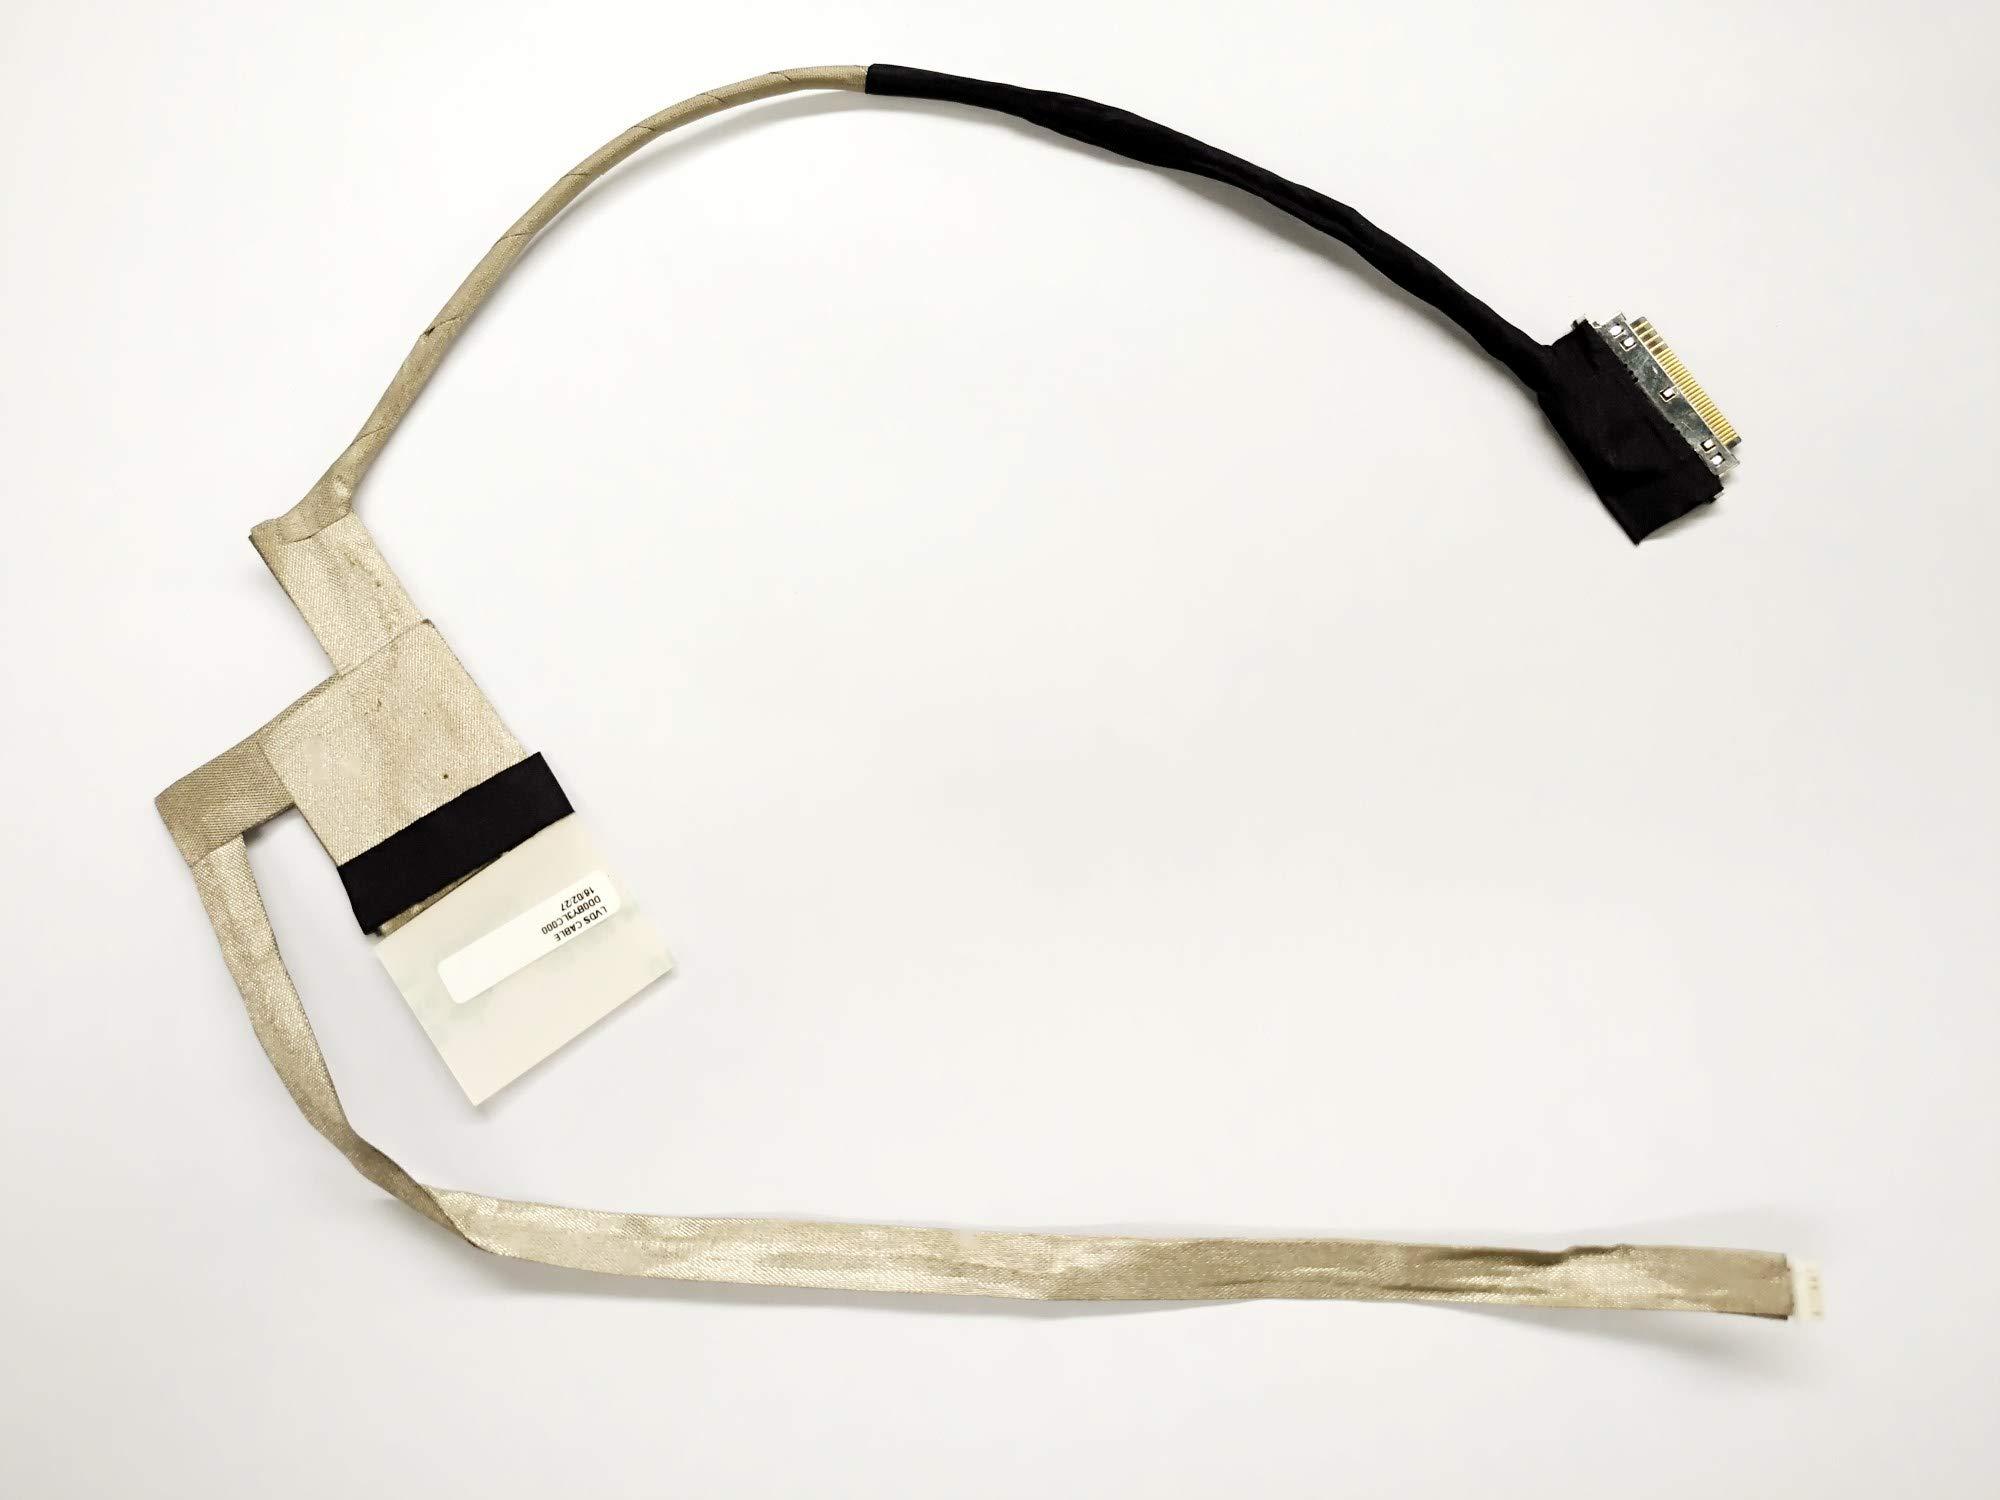 Cable Flex LVDS para Toshiba Satellite L840 L830 L800 L805 C